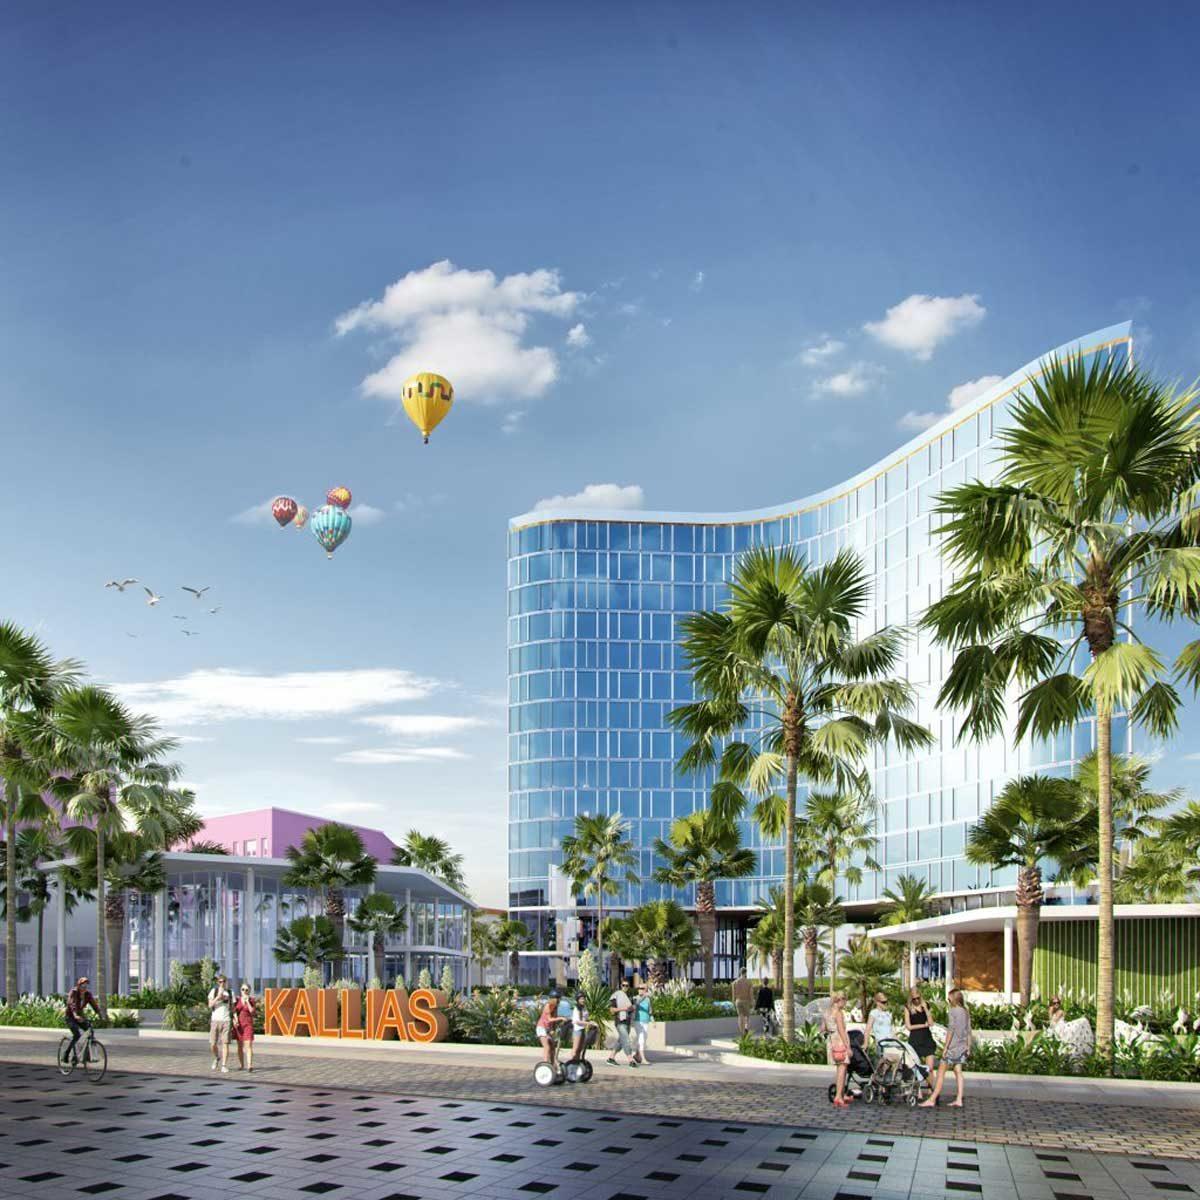 khu khach san kallias complex city phu yen - DỰ ÁN KALLIAS COMPLEX CITY PHÚ YÊN